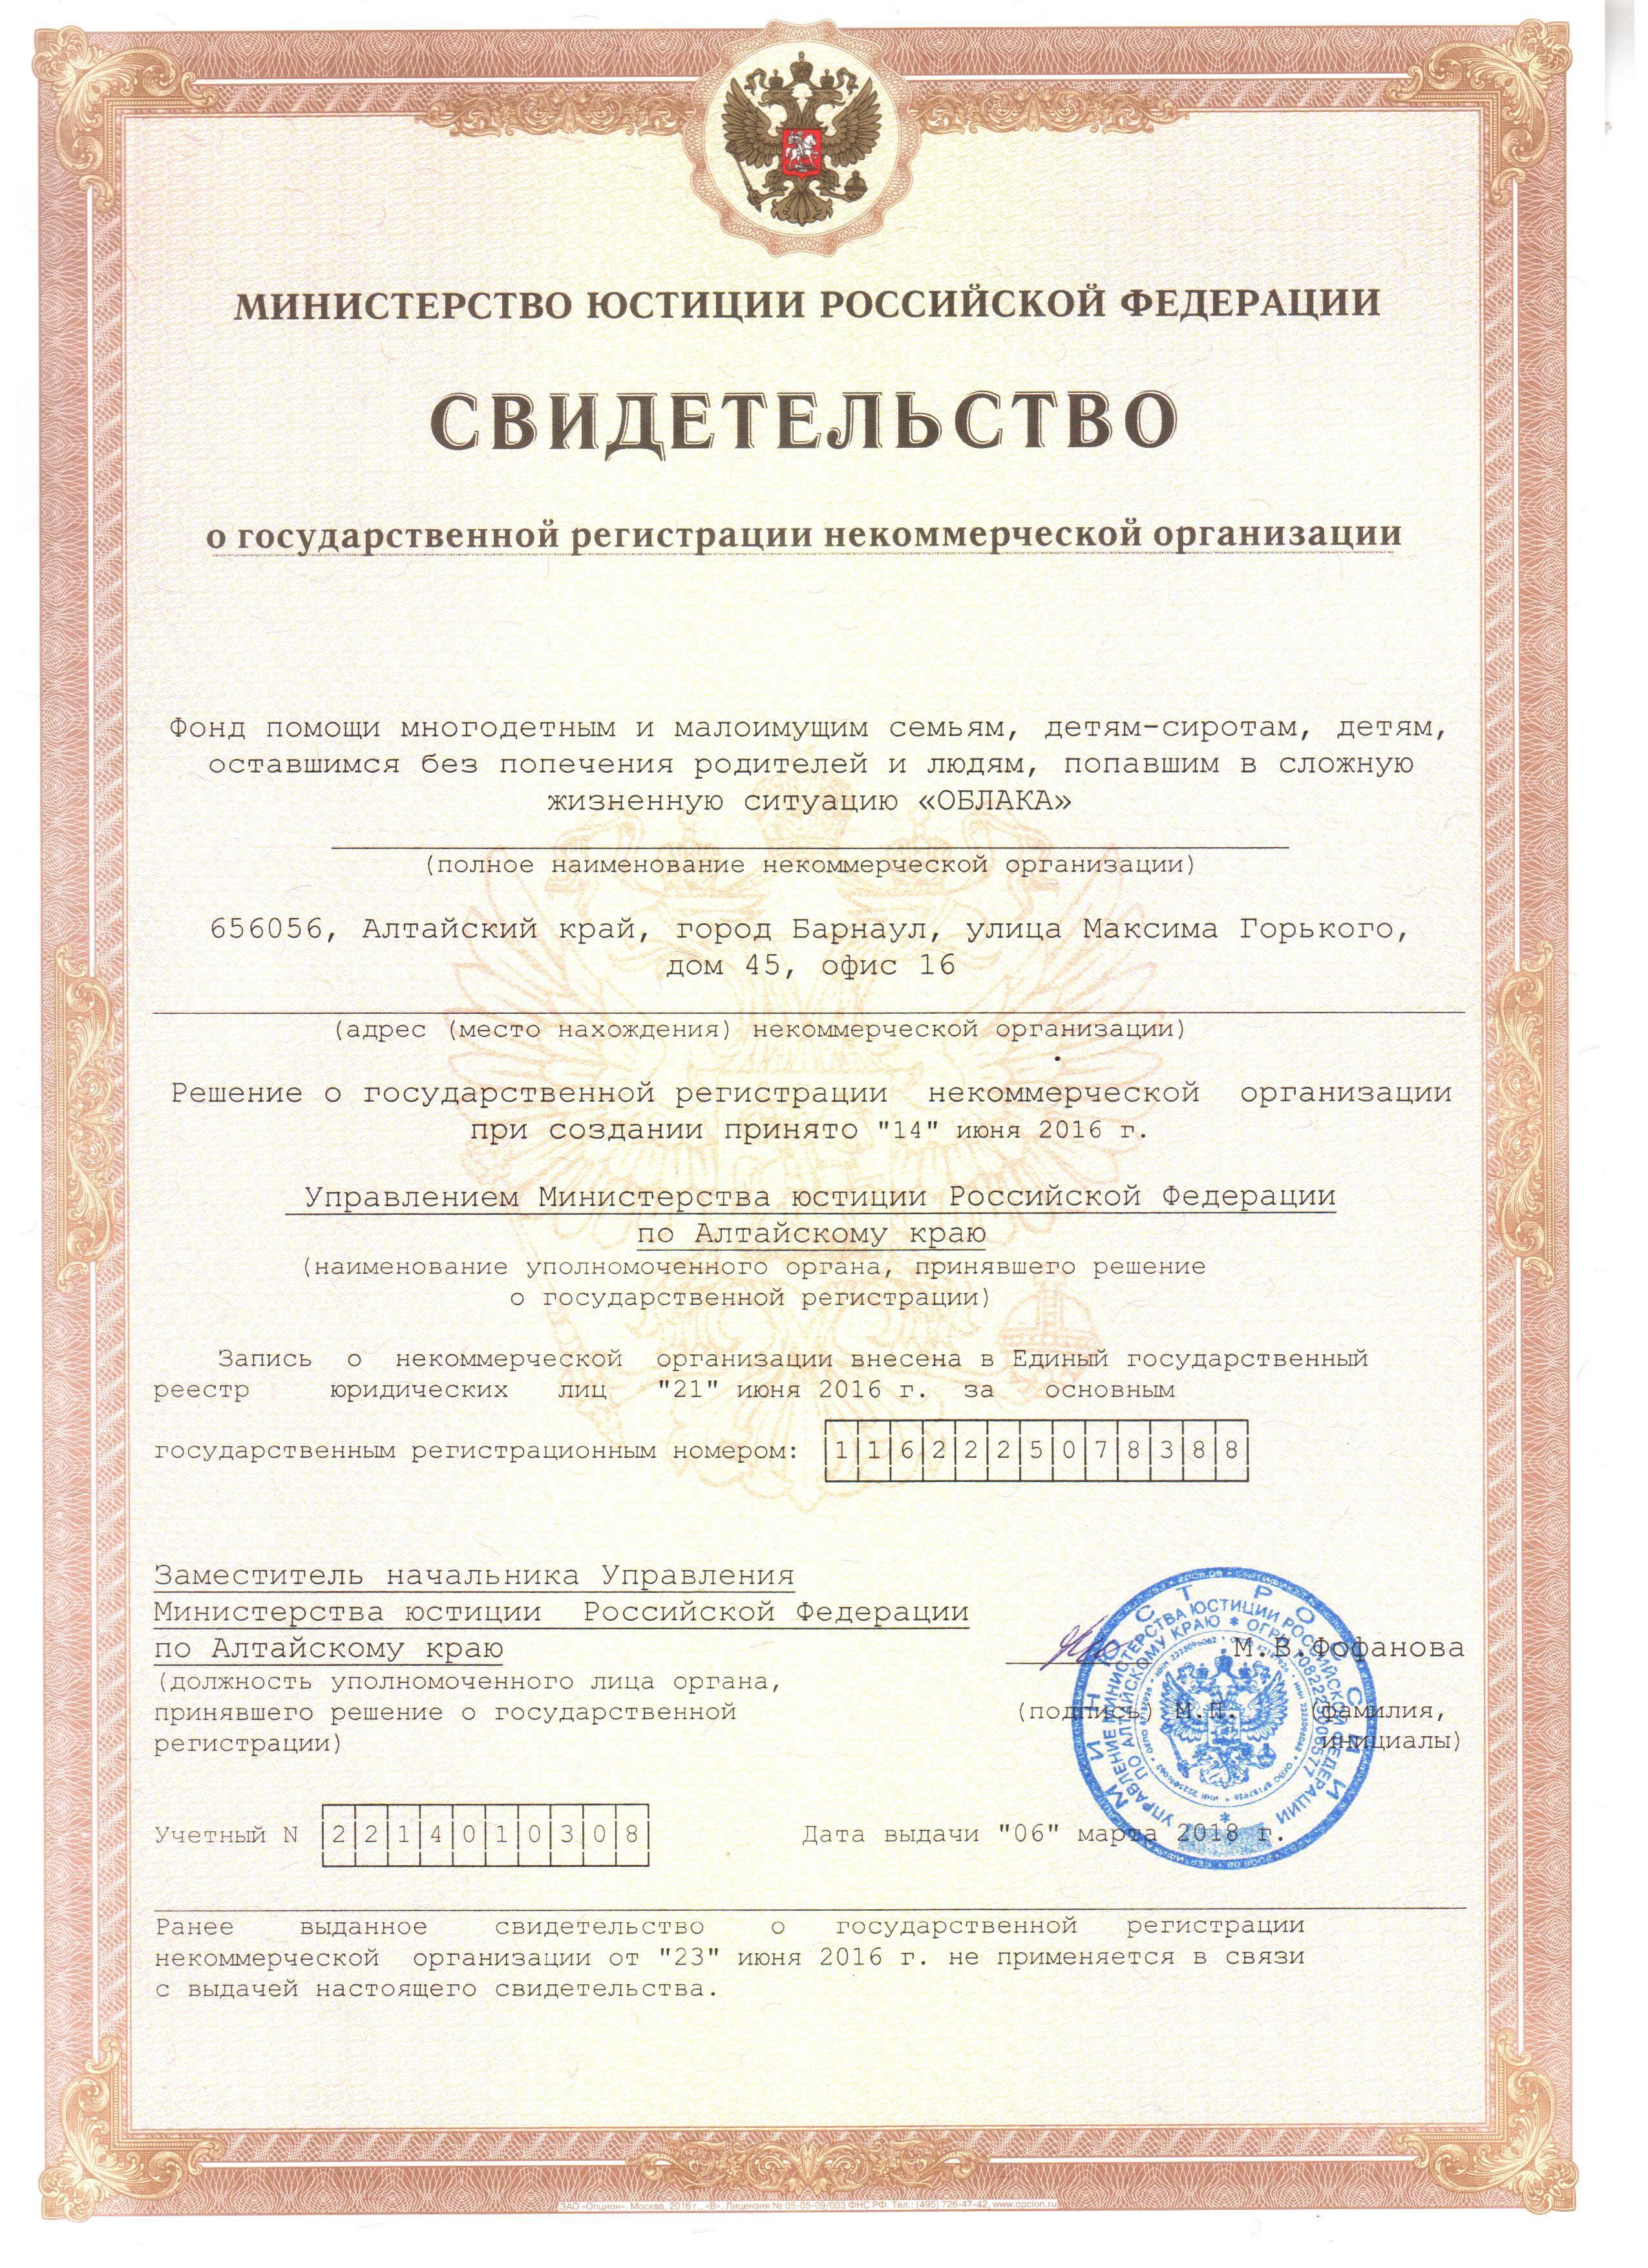 Свидетельство о гос.регистрации новое 06.03.2018